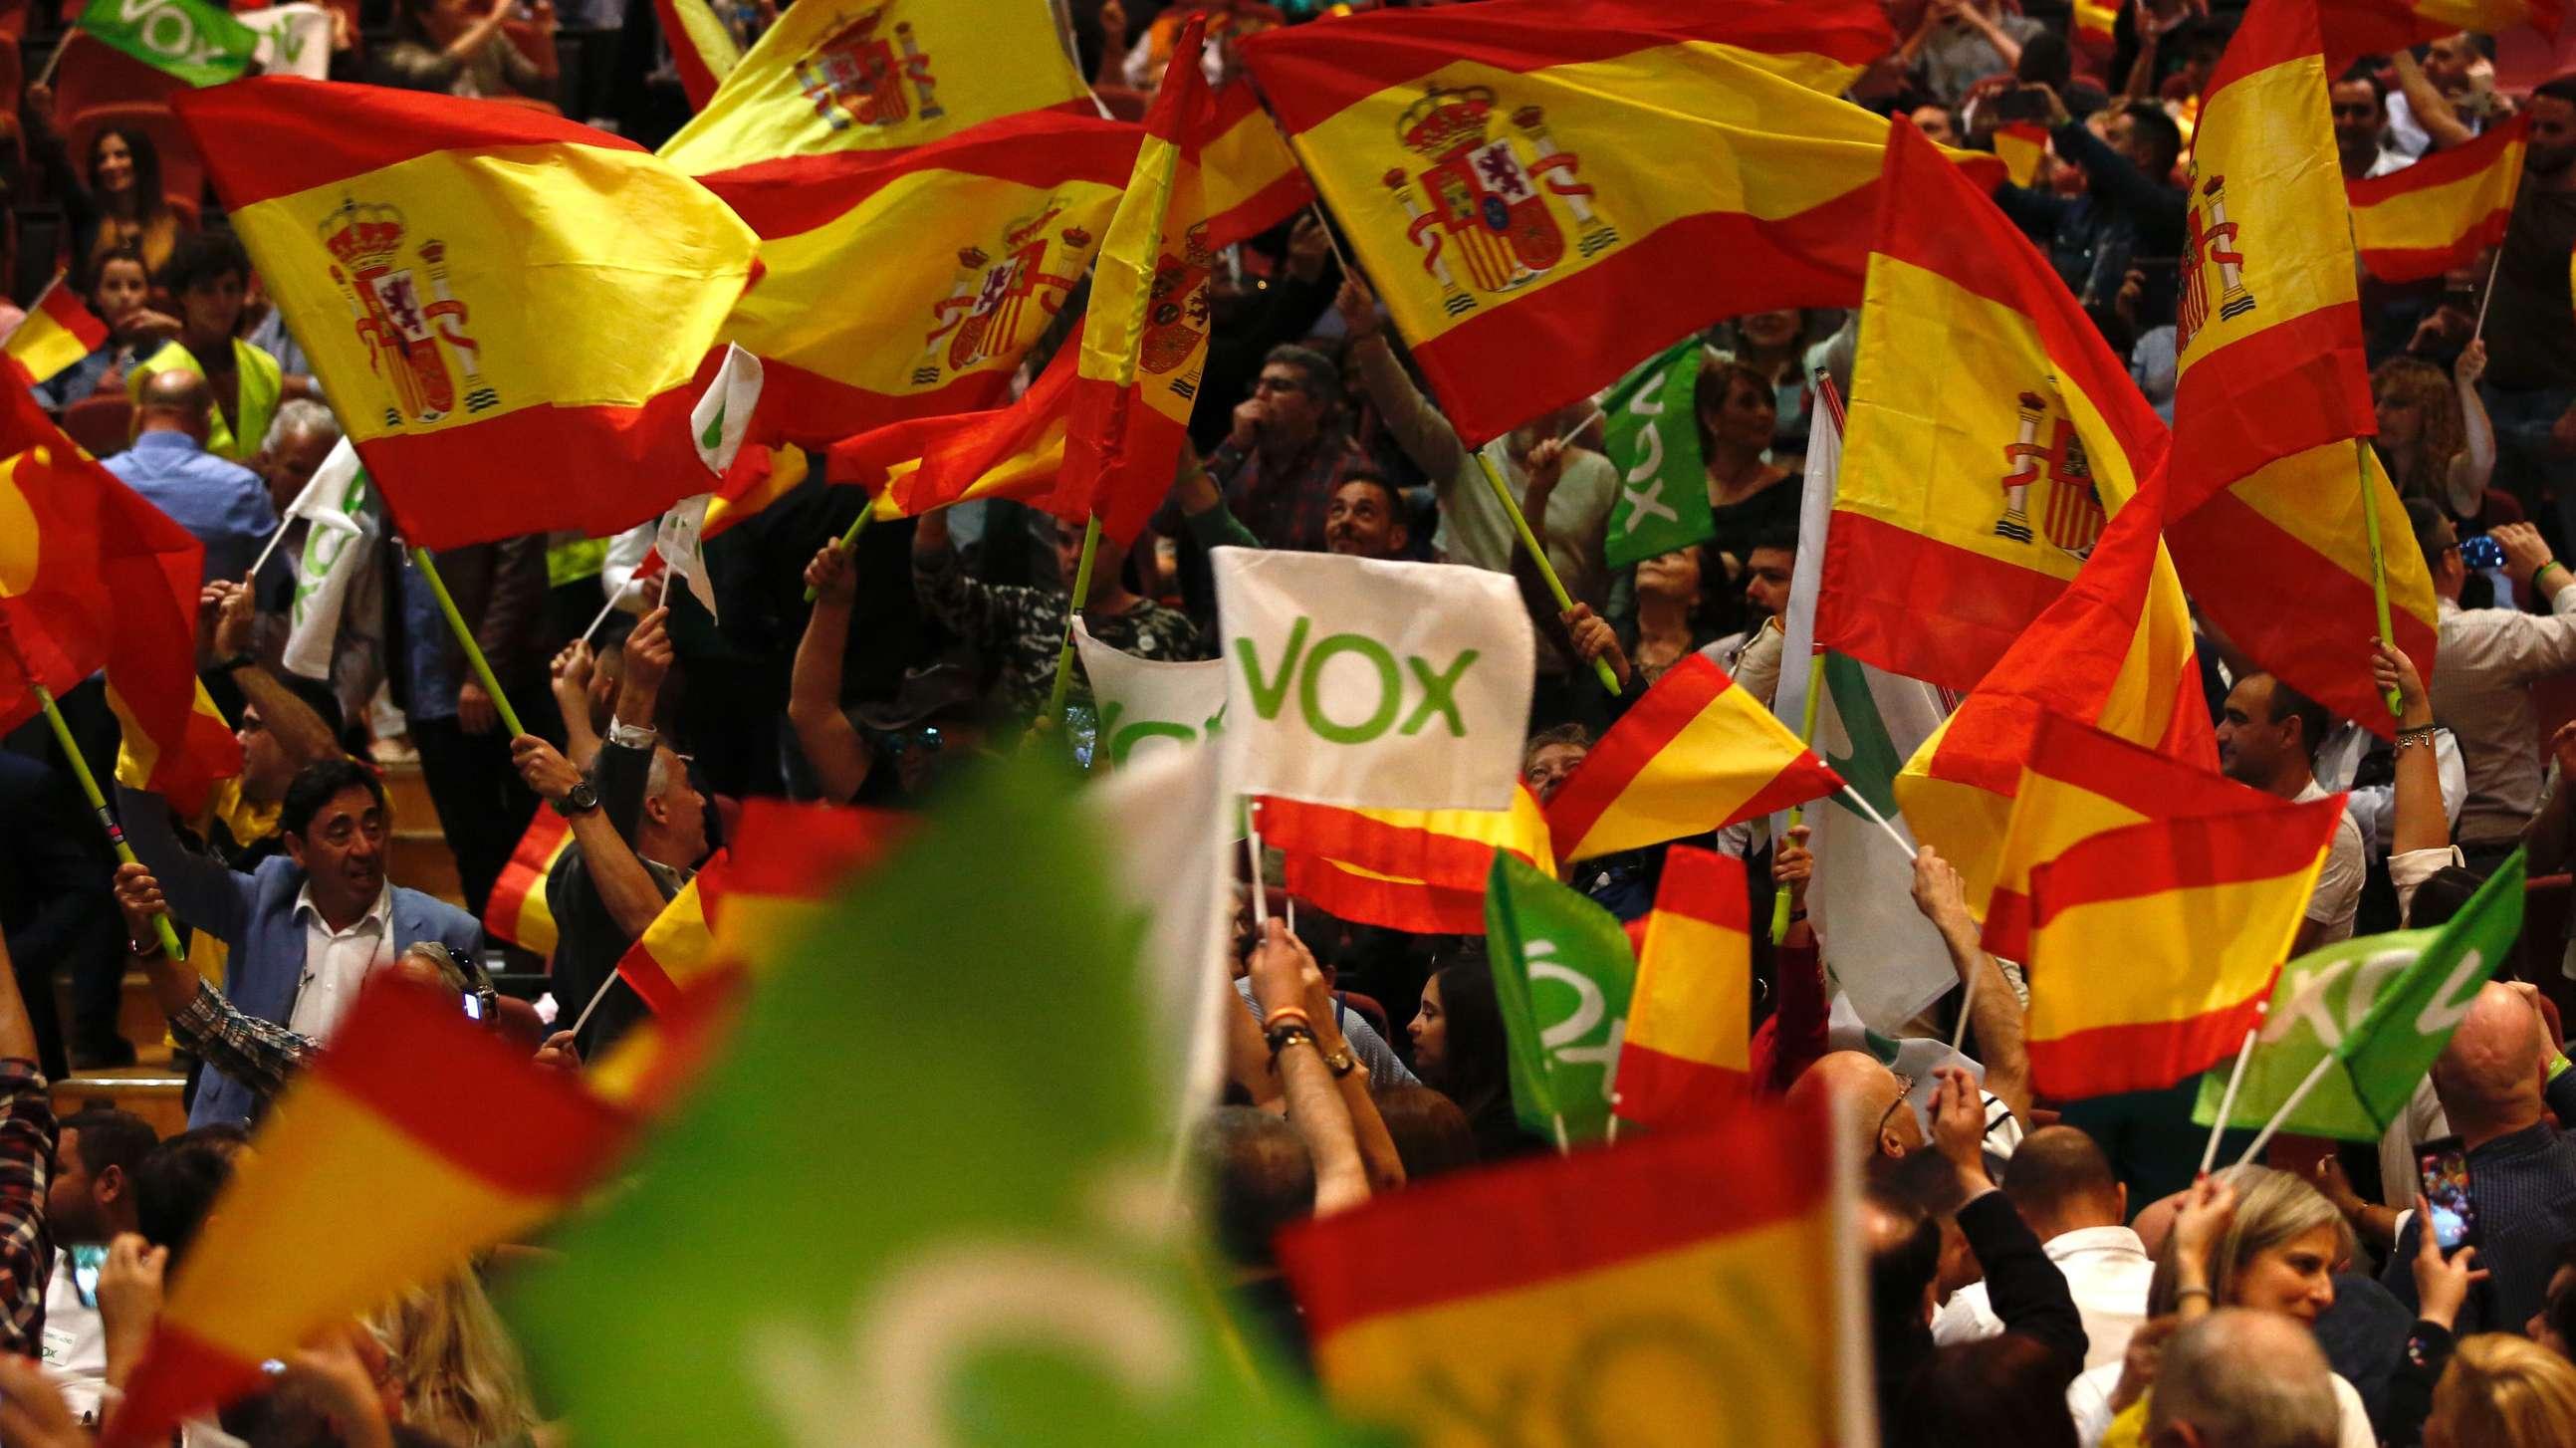 17.04.2019, Spanien, Granada: Unterstützer schwenken Fahnen während einer Wahlkampfveranstaltung mit Abascal, dem Vorsitzenden der rechtspopulistischen Partei Vox.